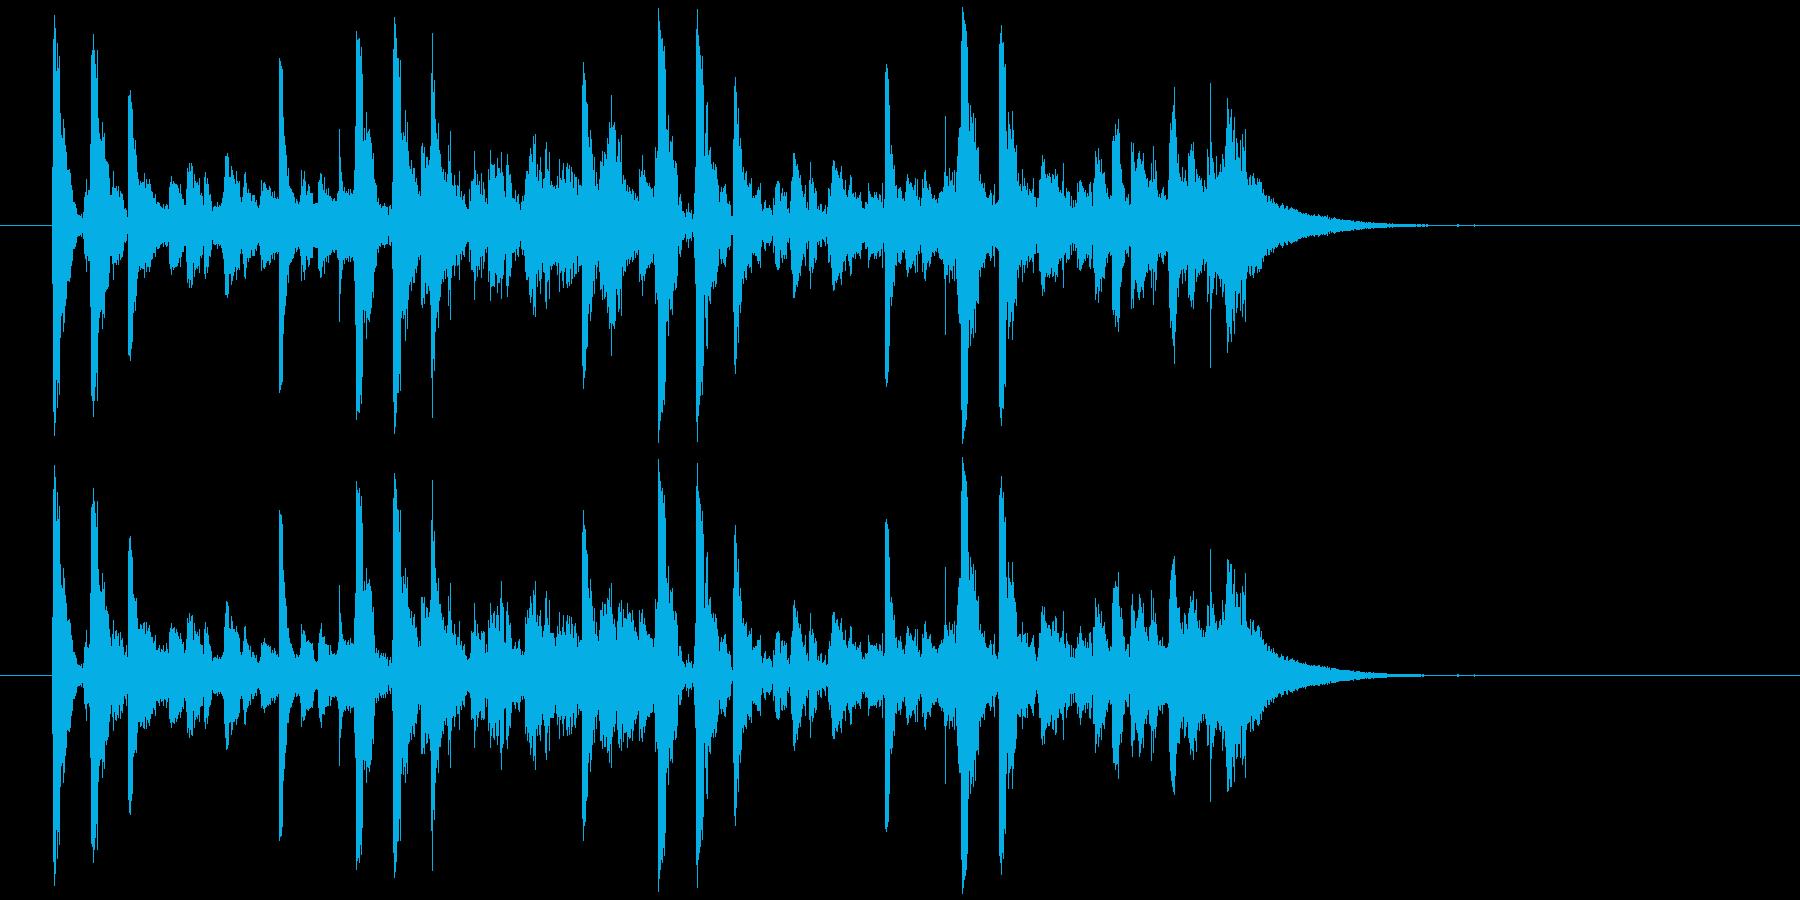 効果音を含んだコミカルなジングルの再生済みの波形